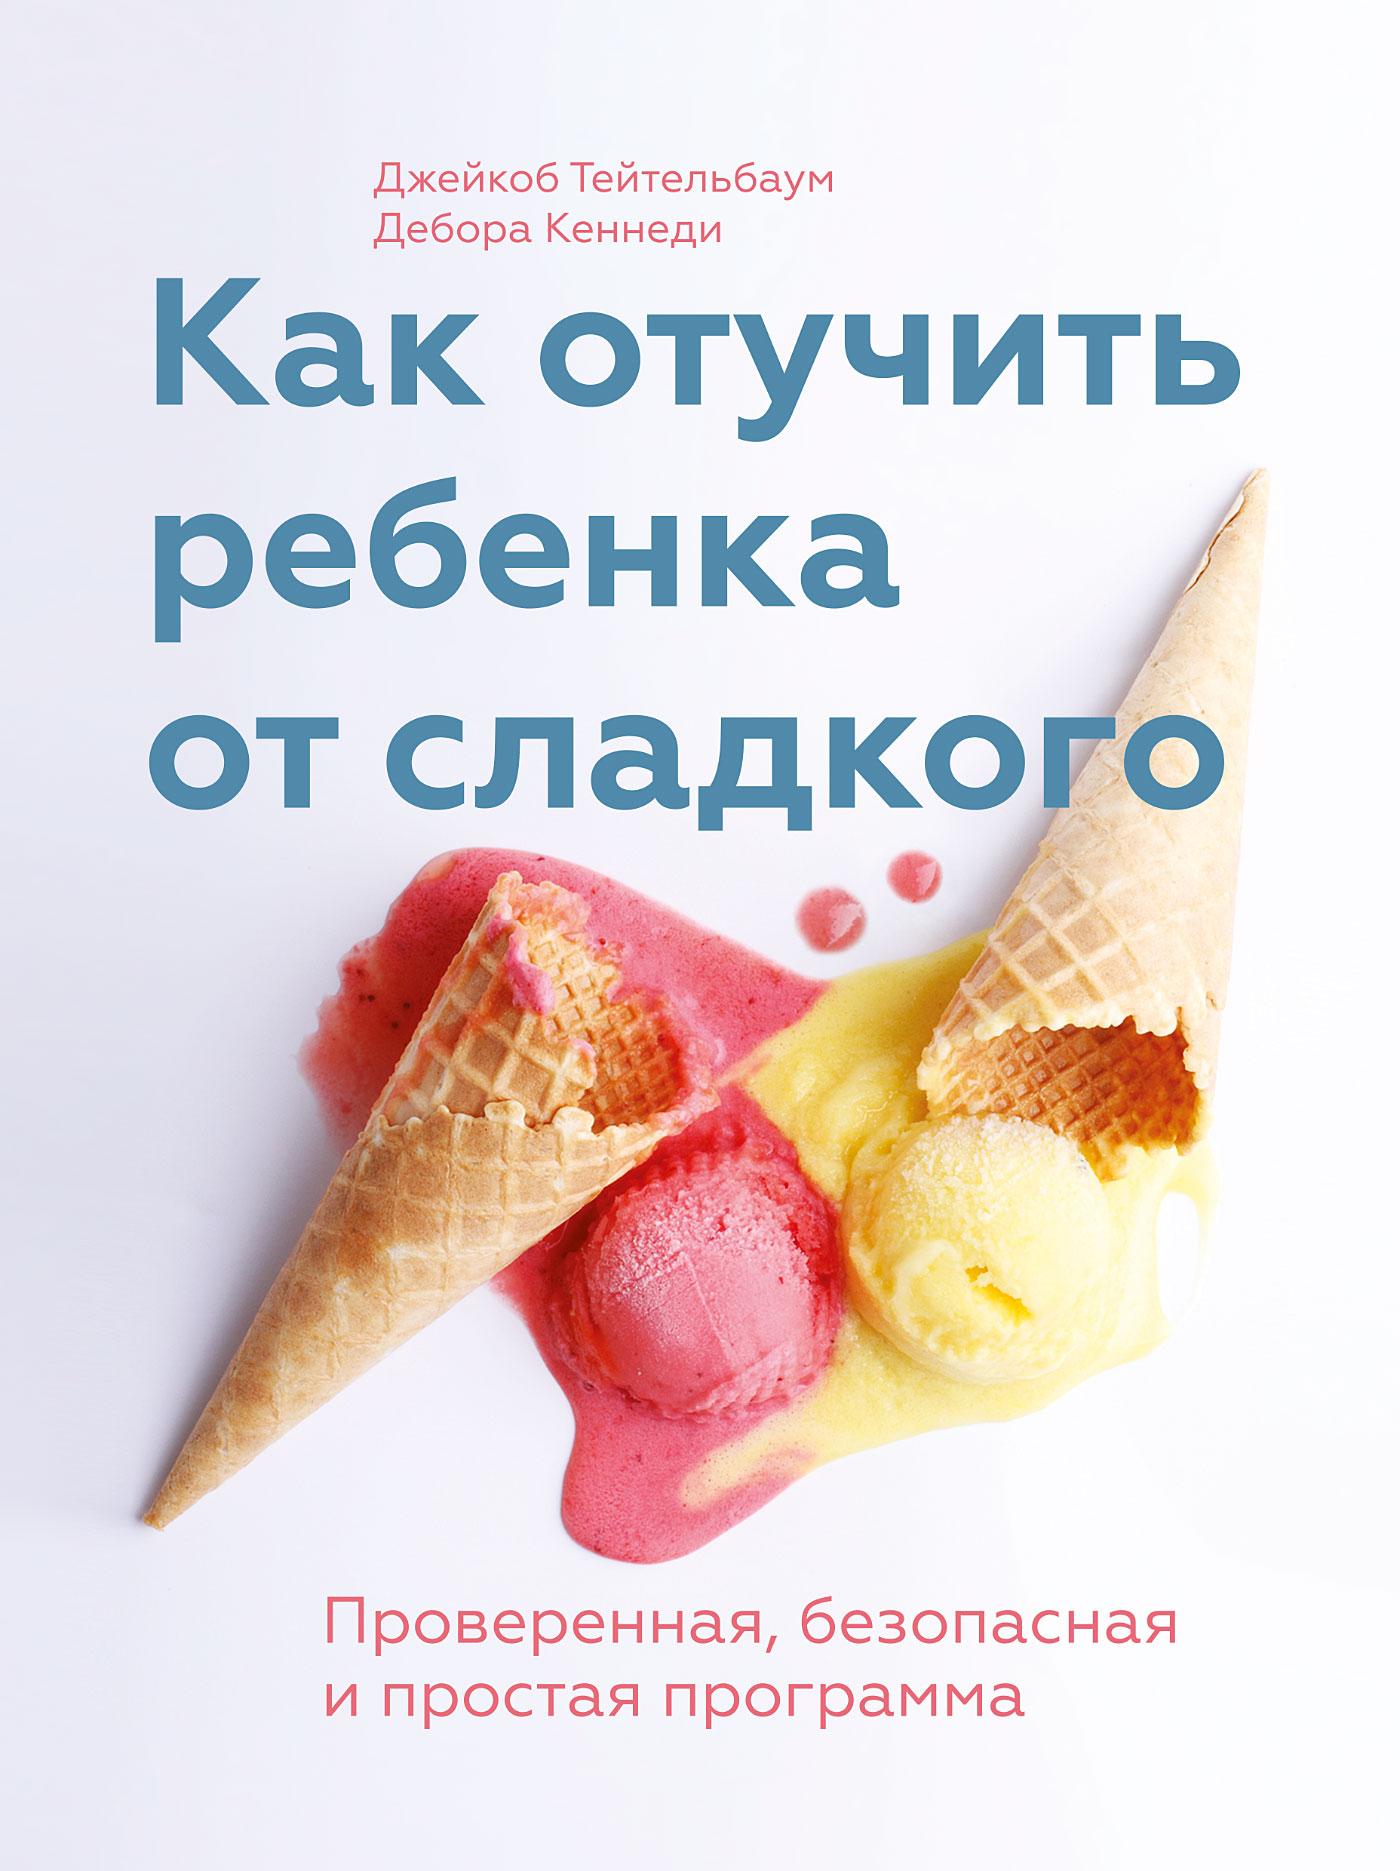 Джейкоб Тейтельбаум, Дебора Кеннеди «Как отучить ребенка от сладкого. Проверенная, безопасная и простая программа»